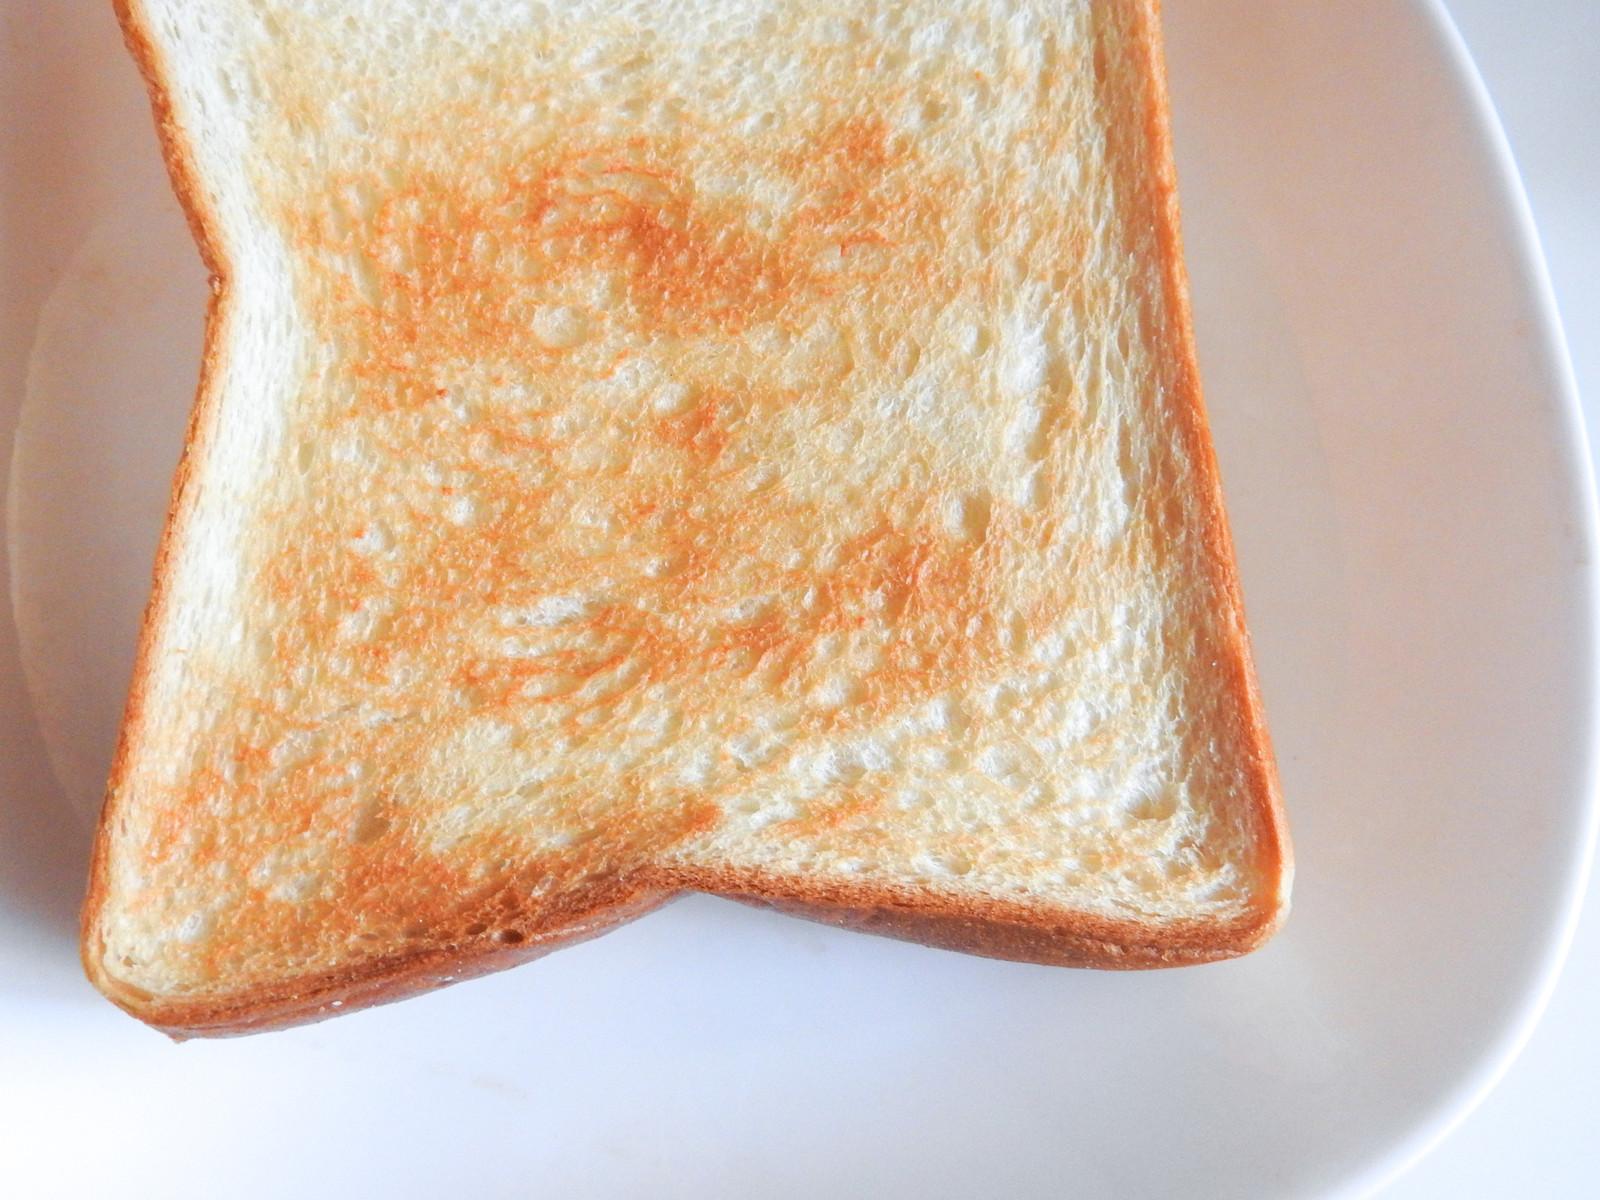 認知症になりたくなかったら今すぐパンをやめましょう